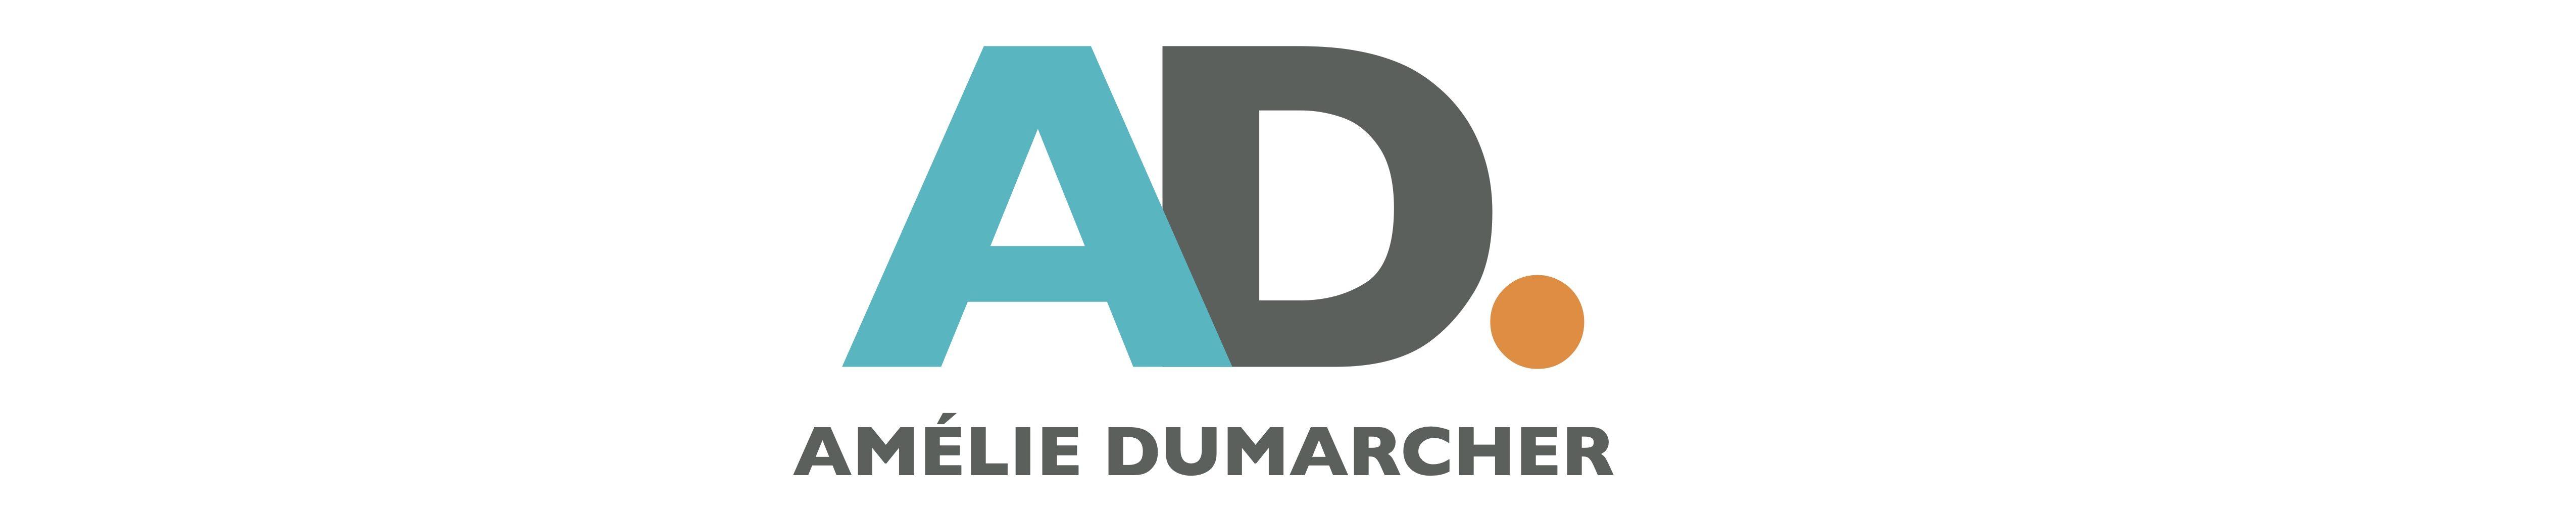 Amélie Dumarcher